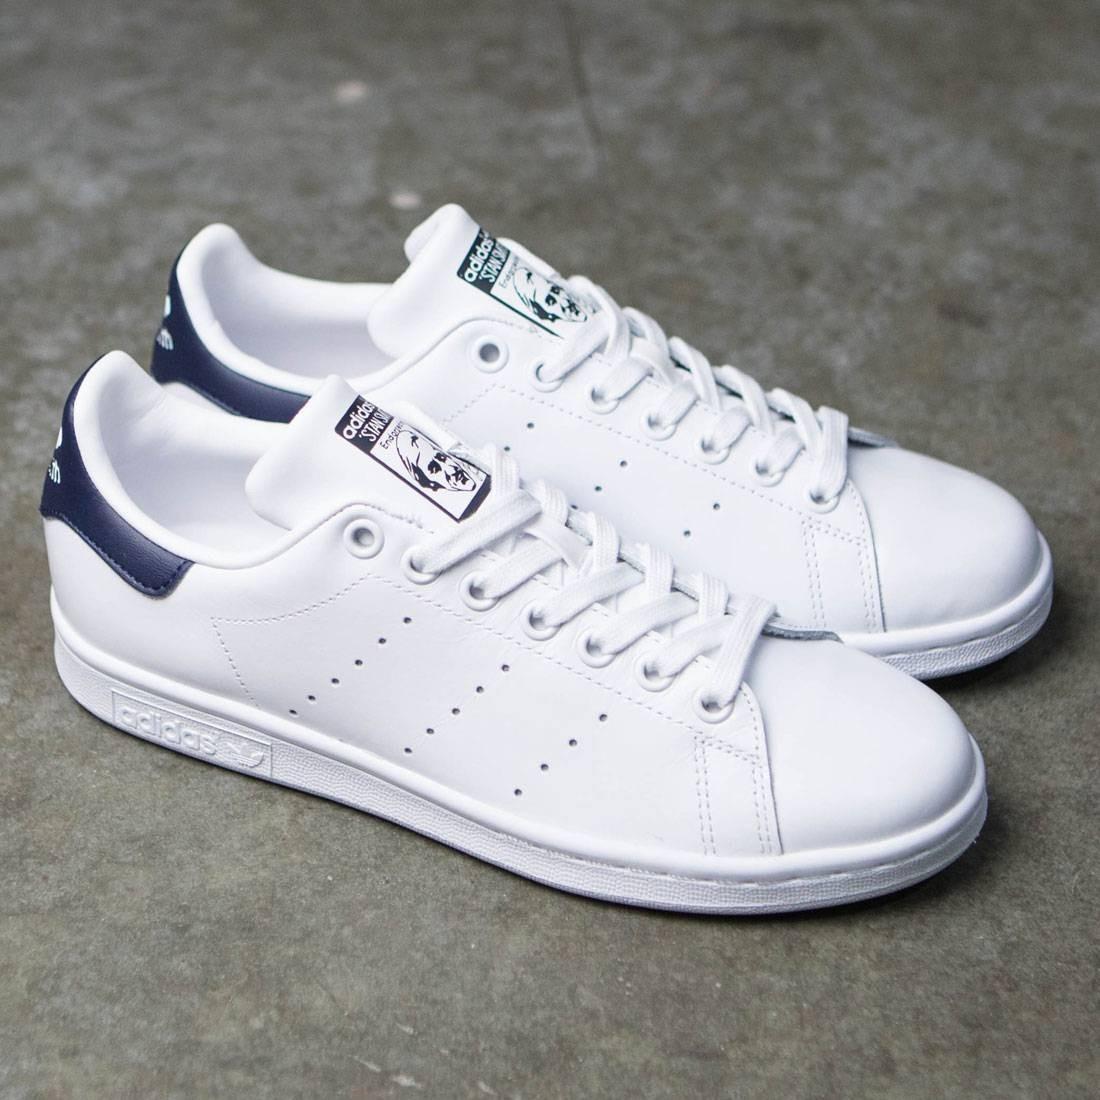 Adidas Women Stan Smit...Q Street Fighter 4